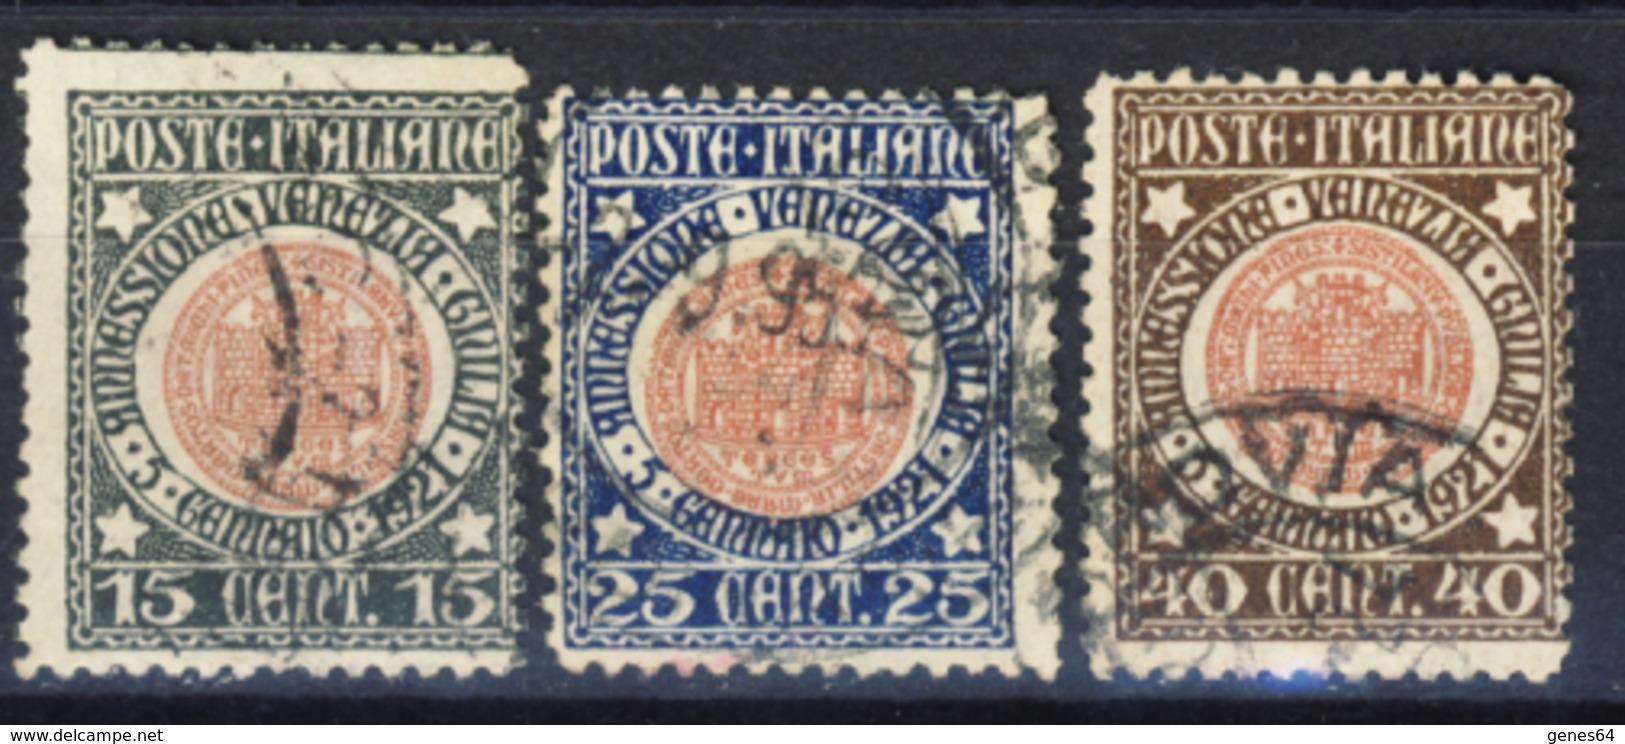 Annessione Della Venezia Giulia - Serie Completa Annullata (di Favore!) - 1900-44 Victor Emmanuel III.